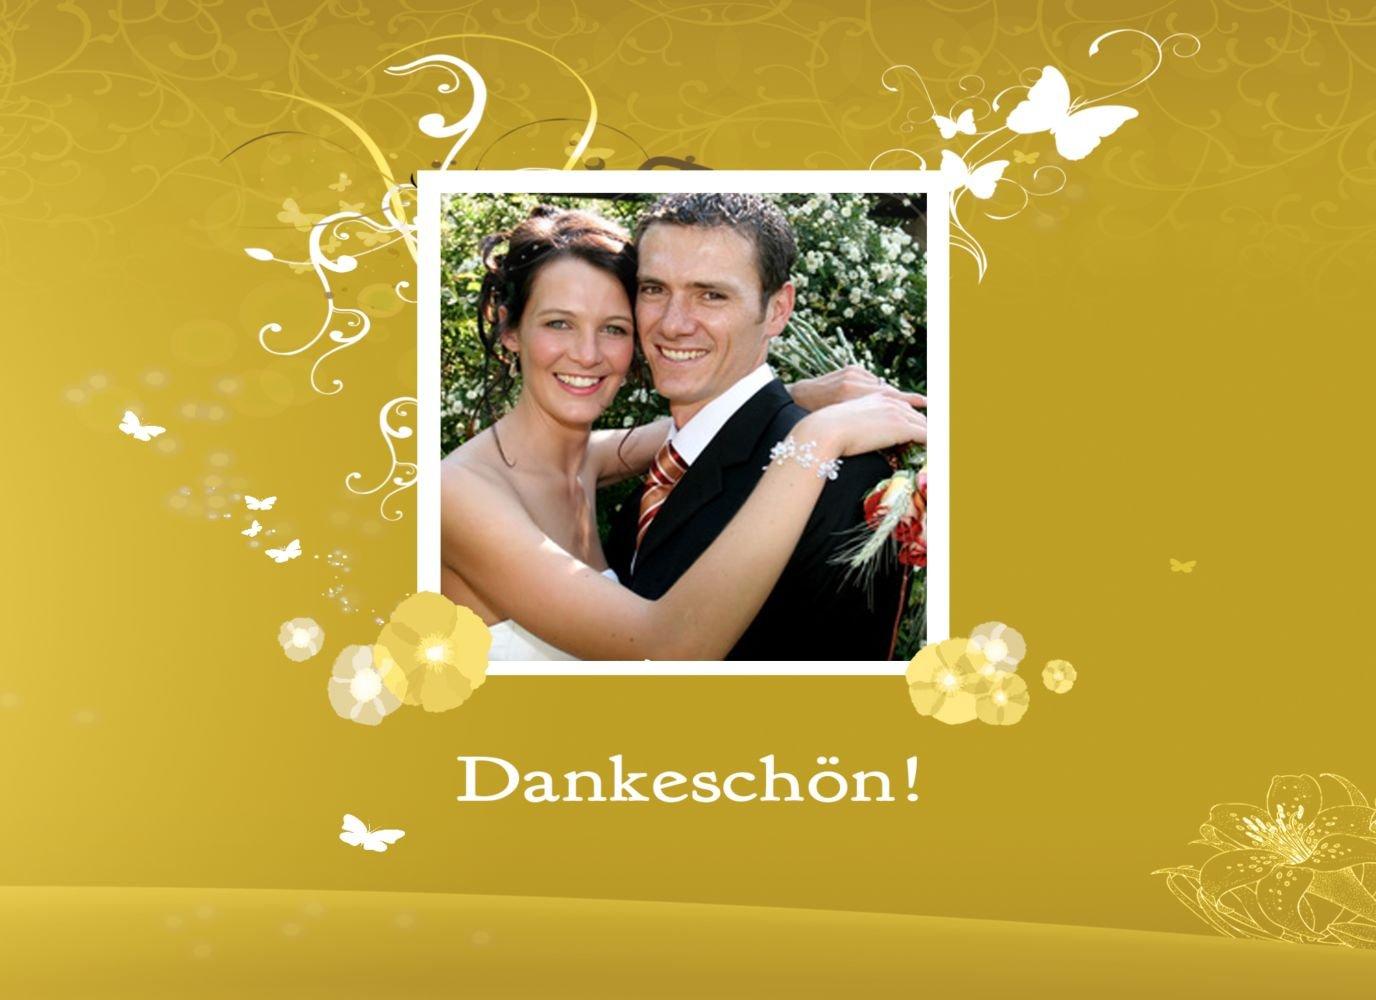 Kartenparadies Danksagung für Hochzeitsgeschenke Hochzeit Hochzeit Hochzeit Danke Dream, hochwertige Danksagungskarte Hochzeitsglückwünsche inklusive Umschläge   10 Karten - (Format  148x105 mm) Farbe  HellRosa B01MTBL4Y7 | Elegante Und Stabile Verpacku 867937